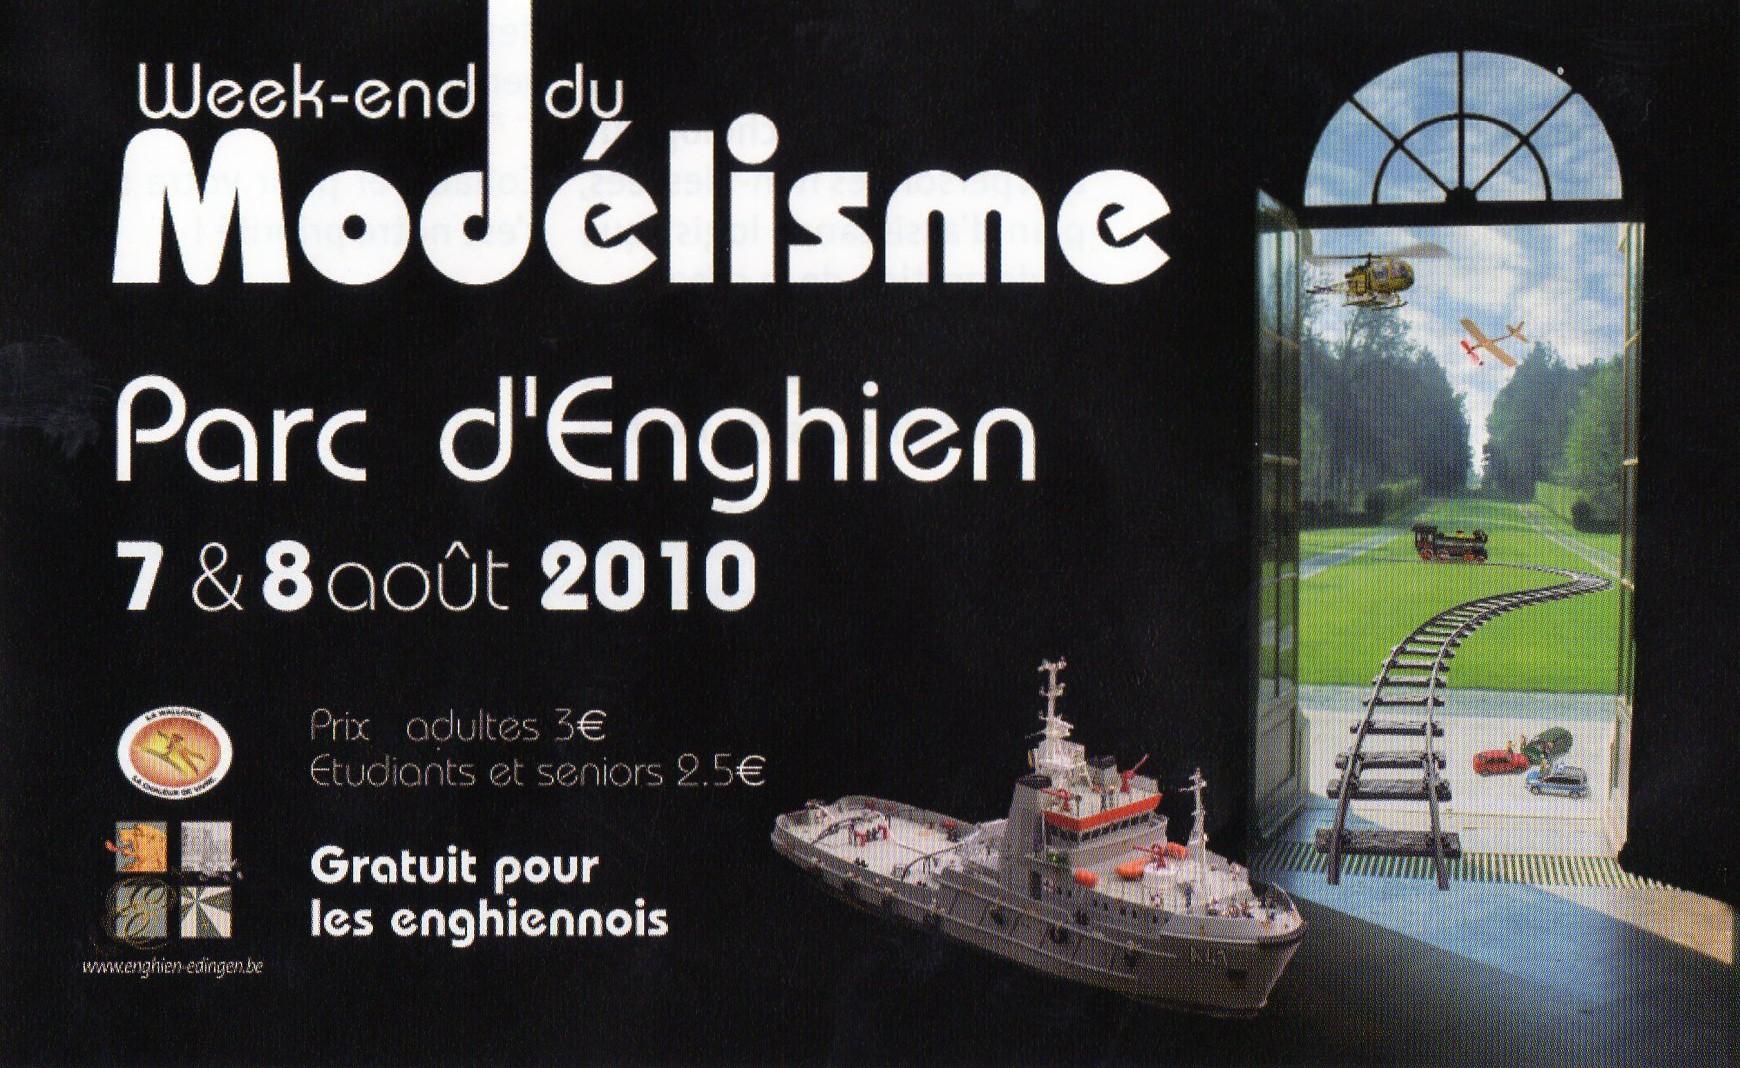 salon du modélisme du 7 et 8 août 2010 à Enghien - Page 3 100624080126895286291063